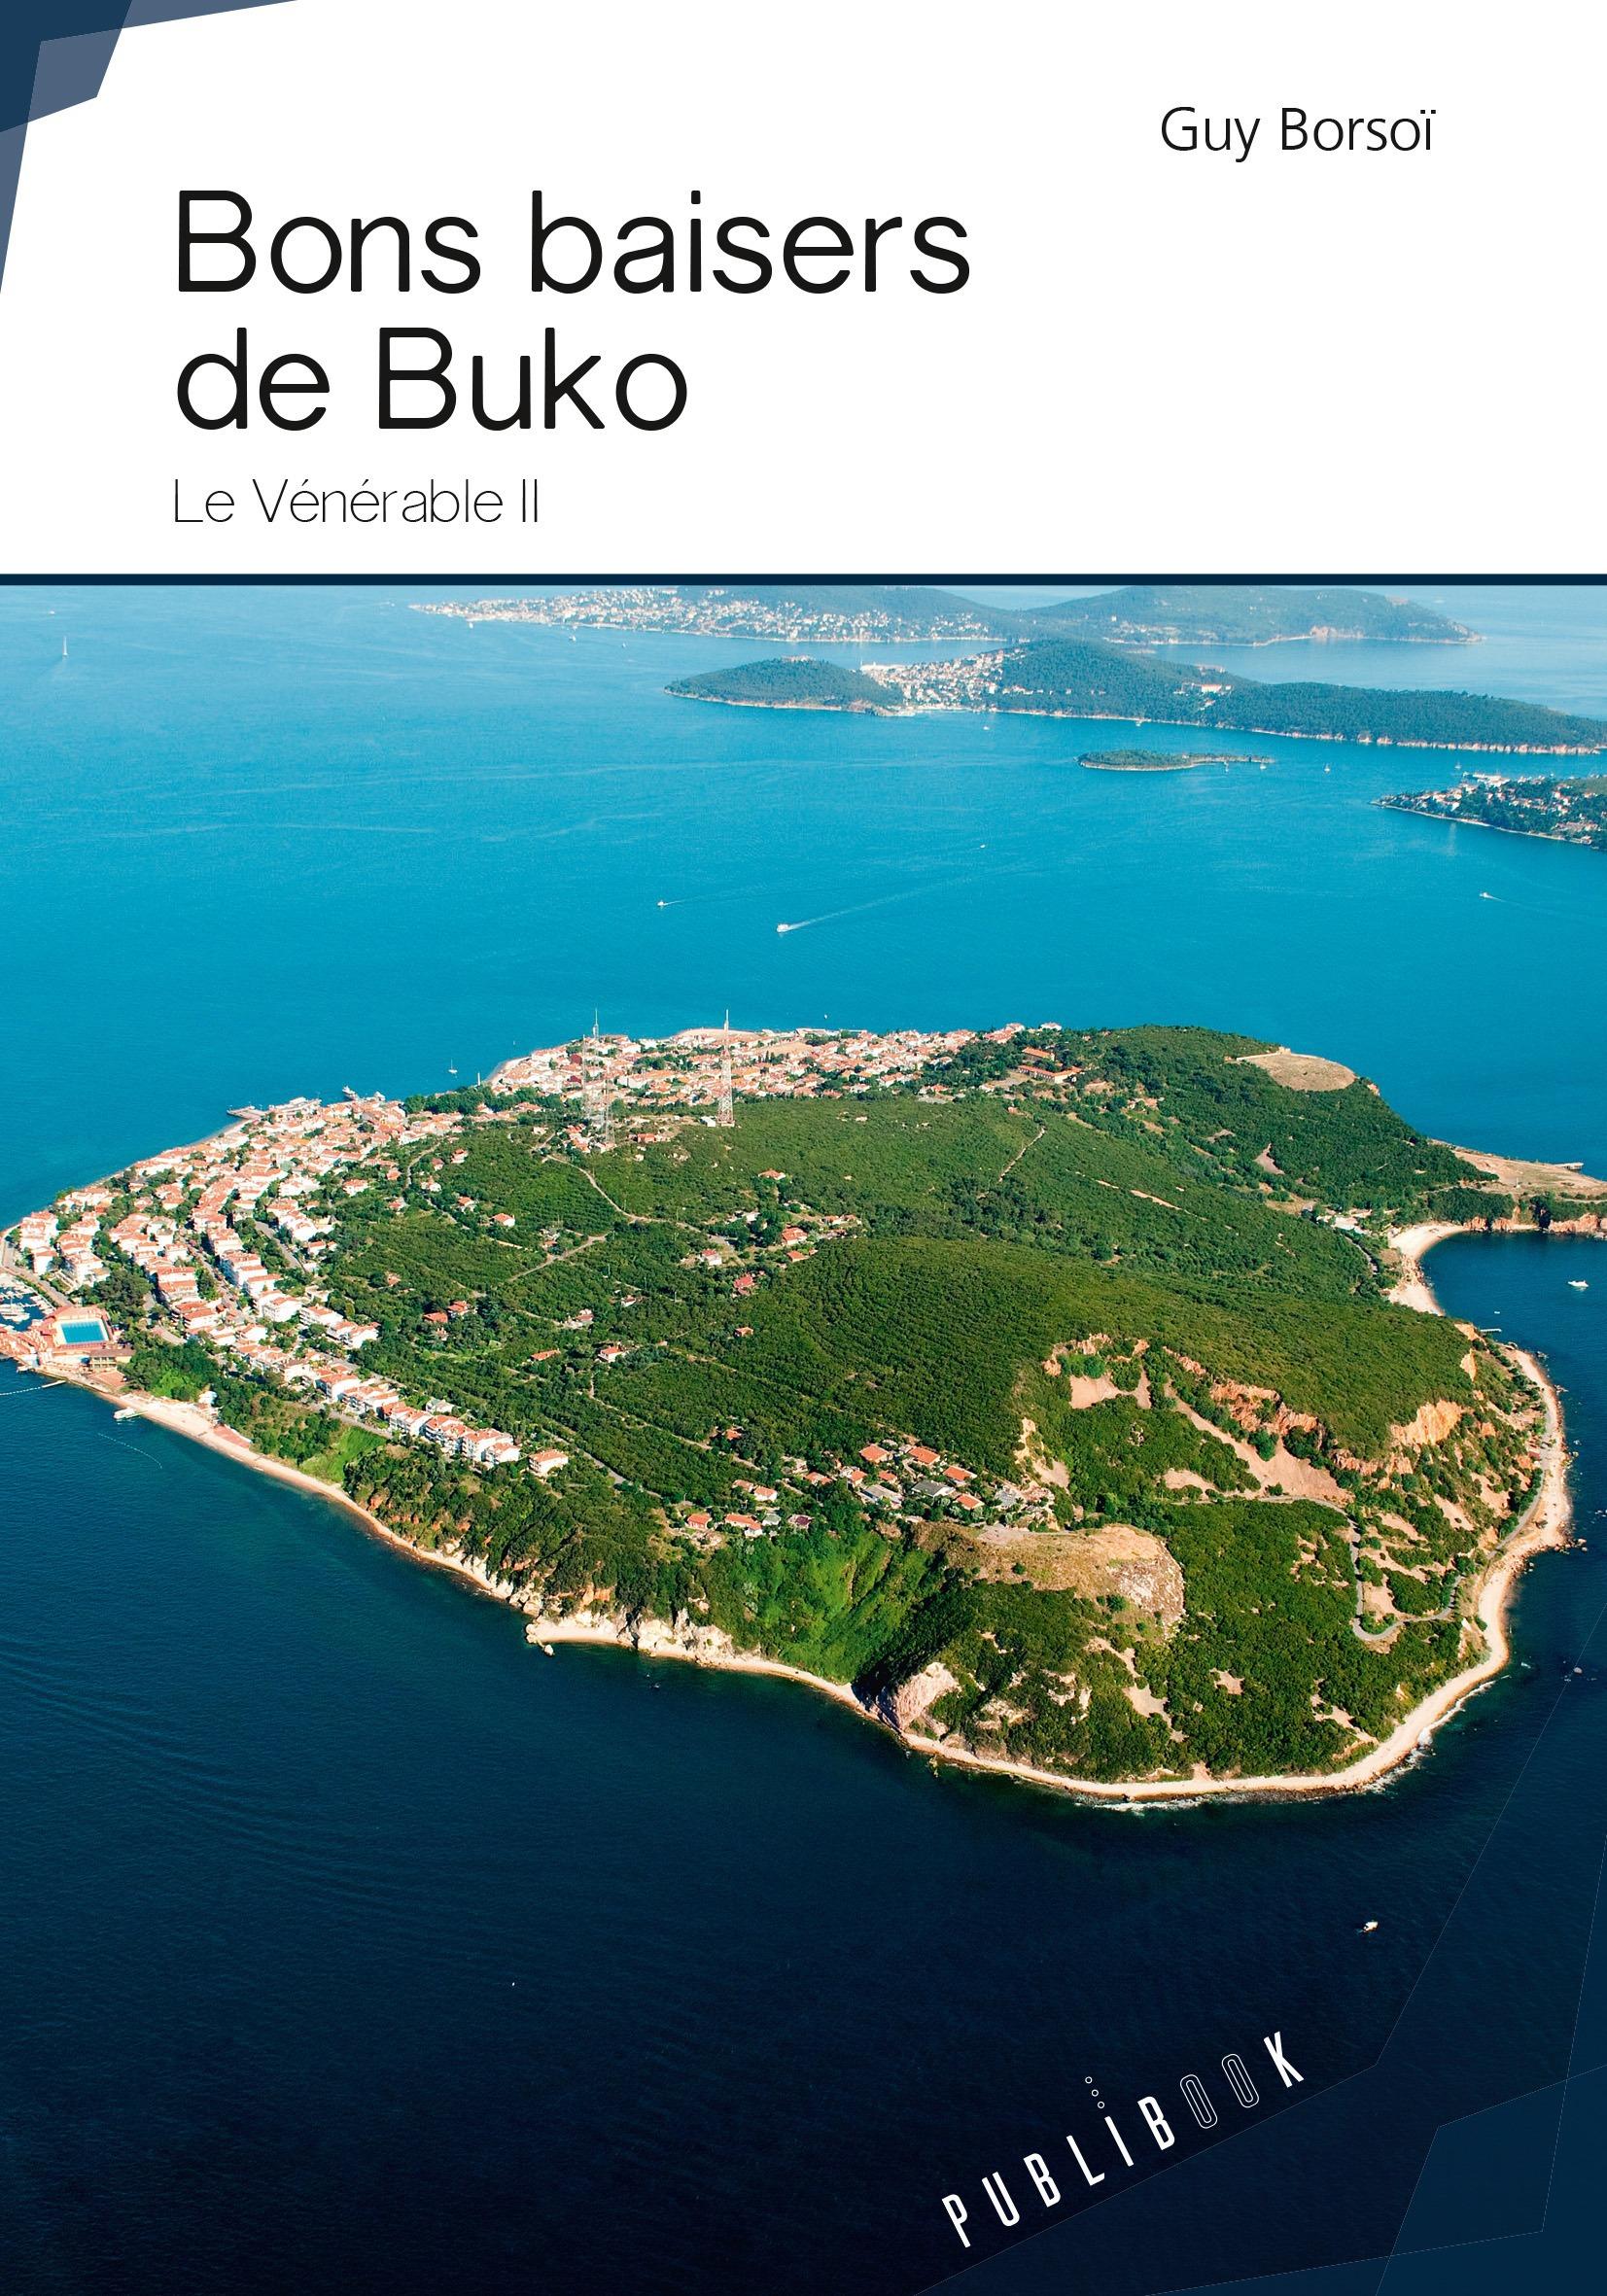 Bons baisers de Buko  - Guy Borsoï